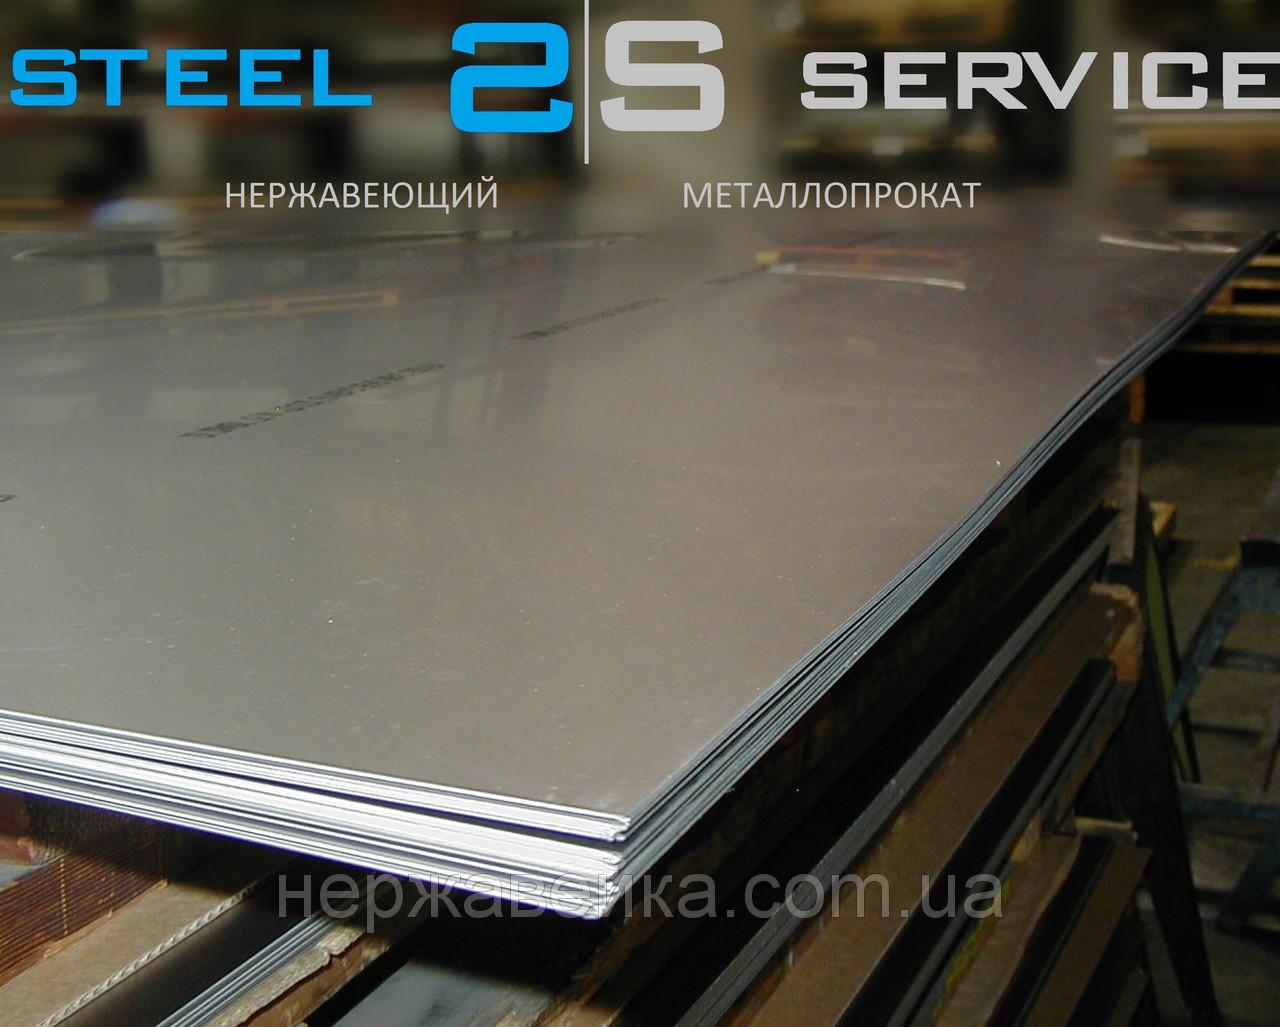 Нержавейка лист 1х1500х3000мм  AISI 321(08Х18Н10Т) BA - зеркало,  пищевой